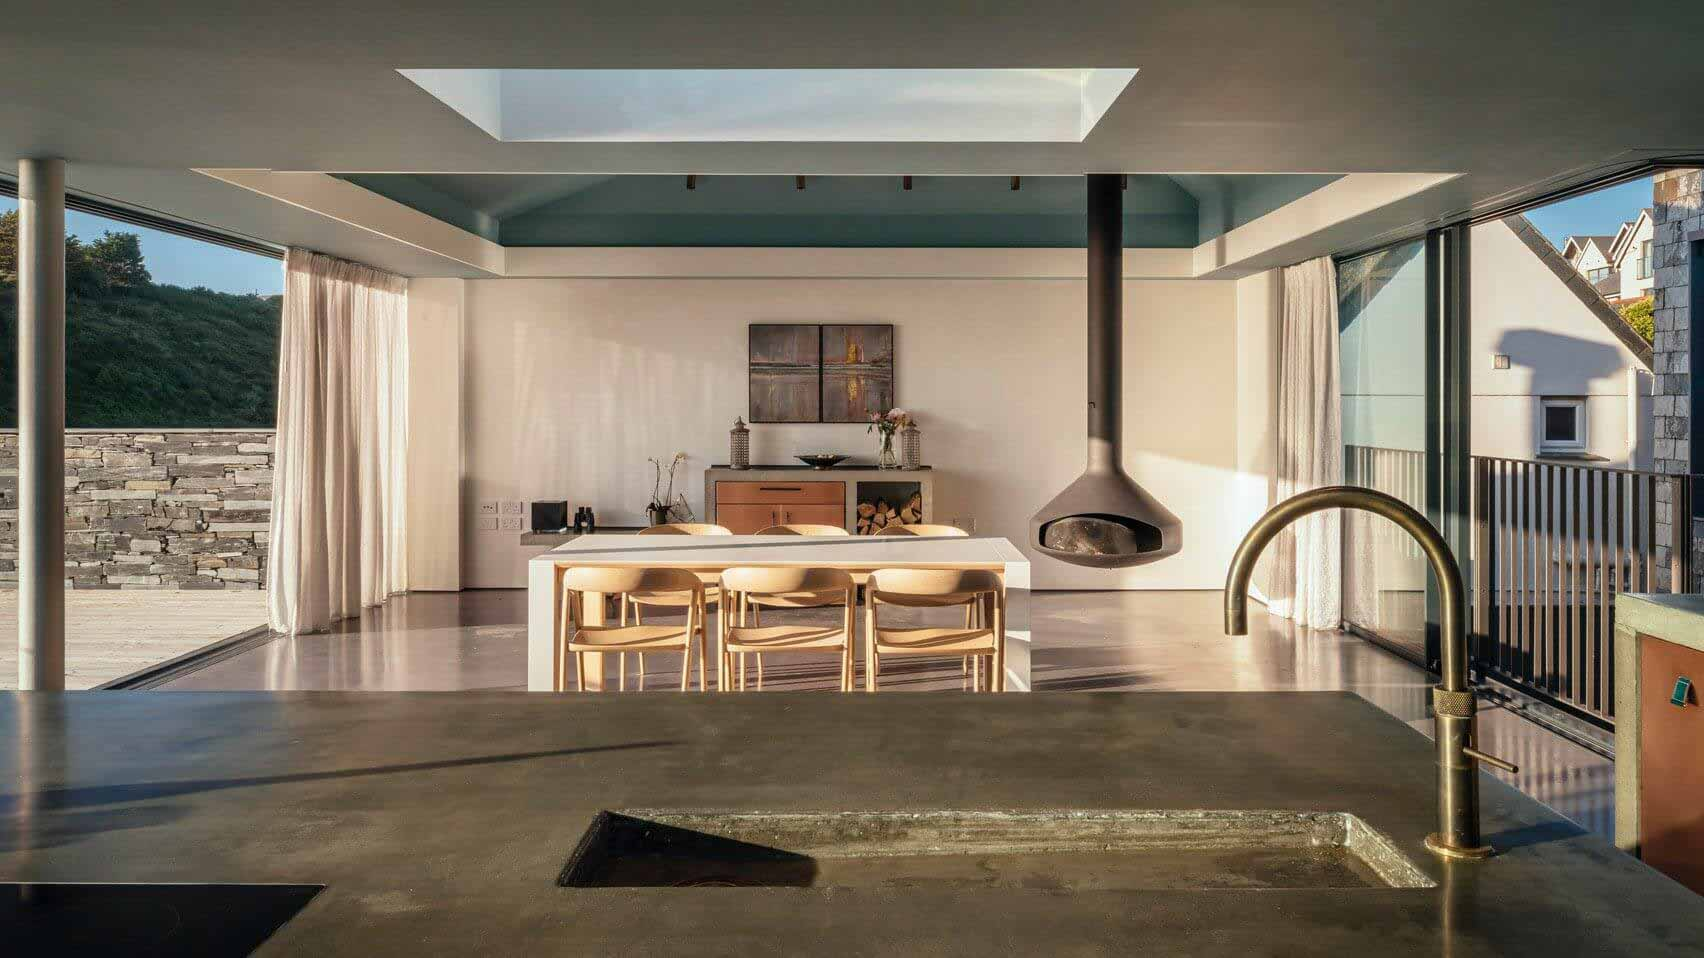 Студия Invisible проектирует облицованный шифером Дом с внутренними дворами на побережье Корнуолла.